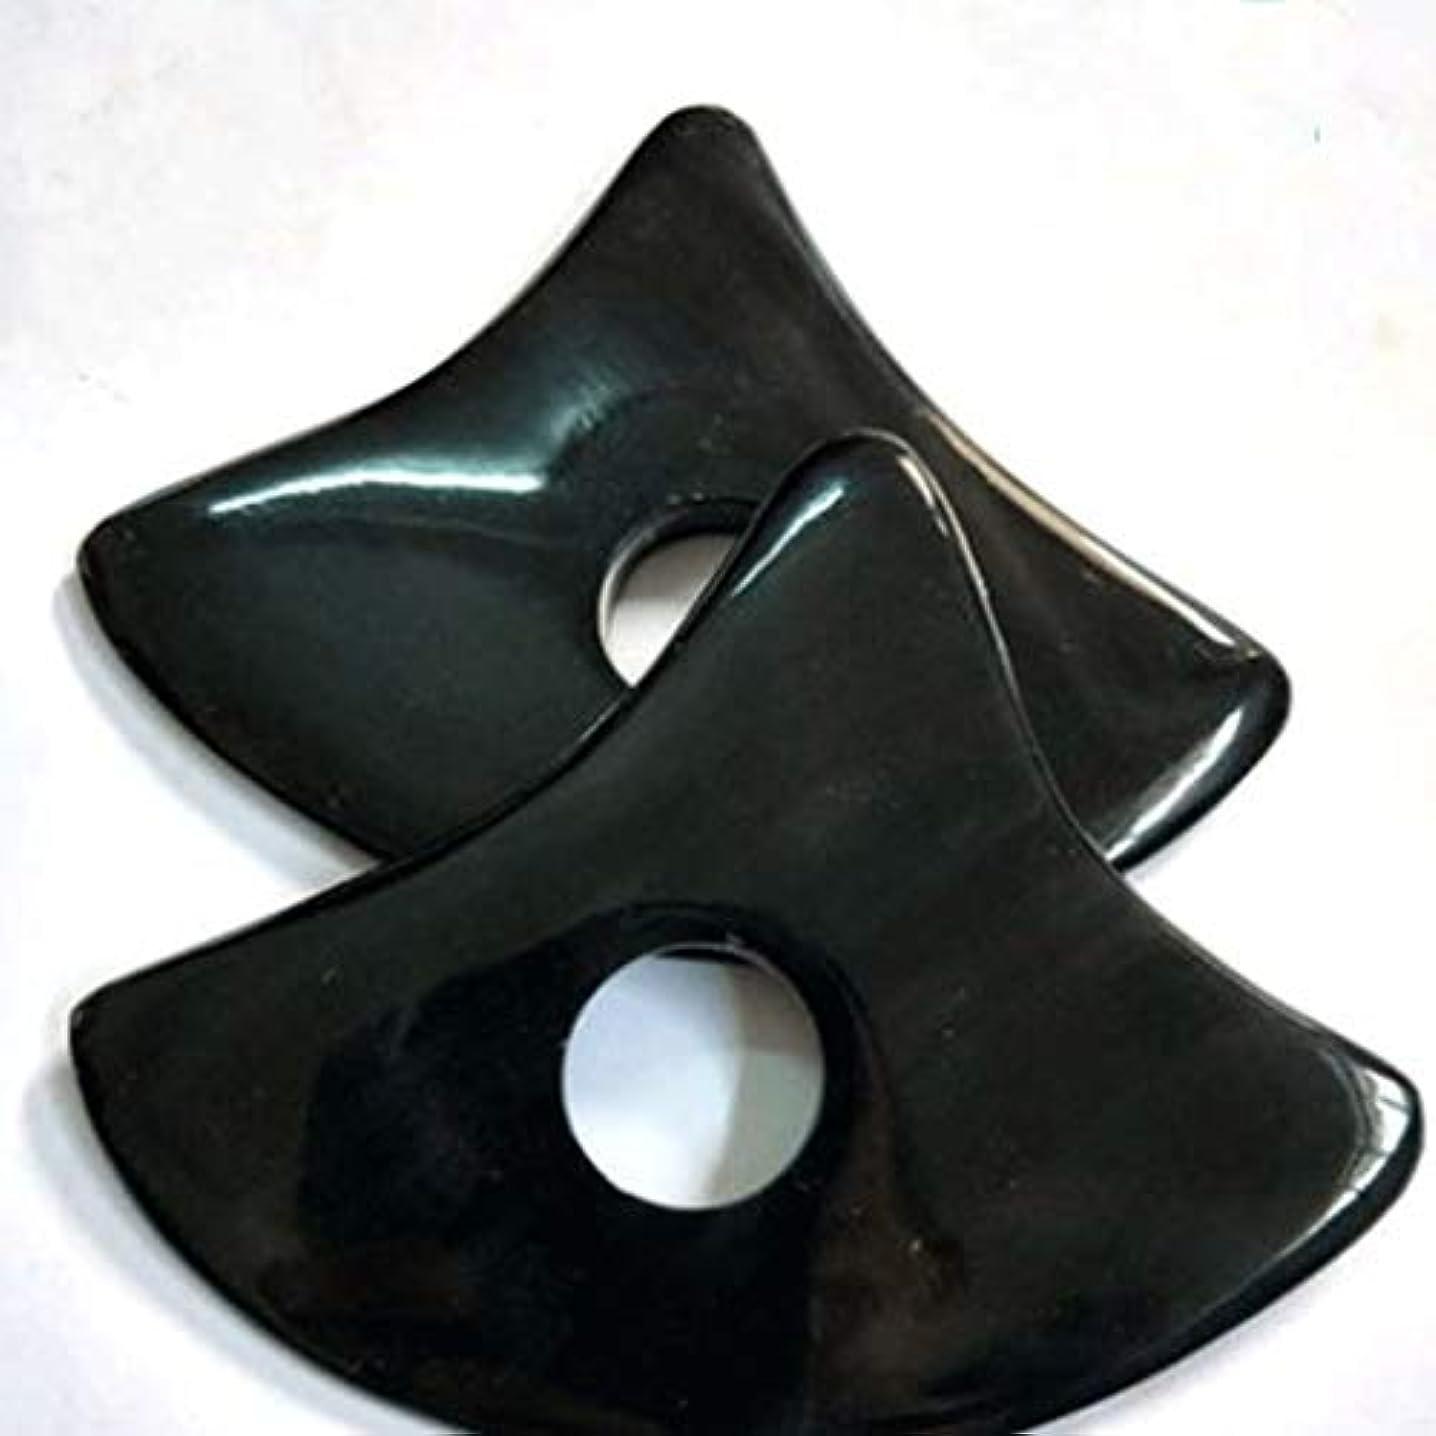 引き算発行するまどろみのあるプレート削れを掻き板黒水牛三角板を掻きスクレーパ板手作りハイグレード自然健康ホーン